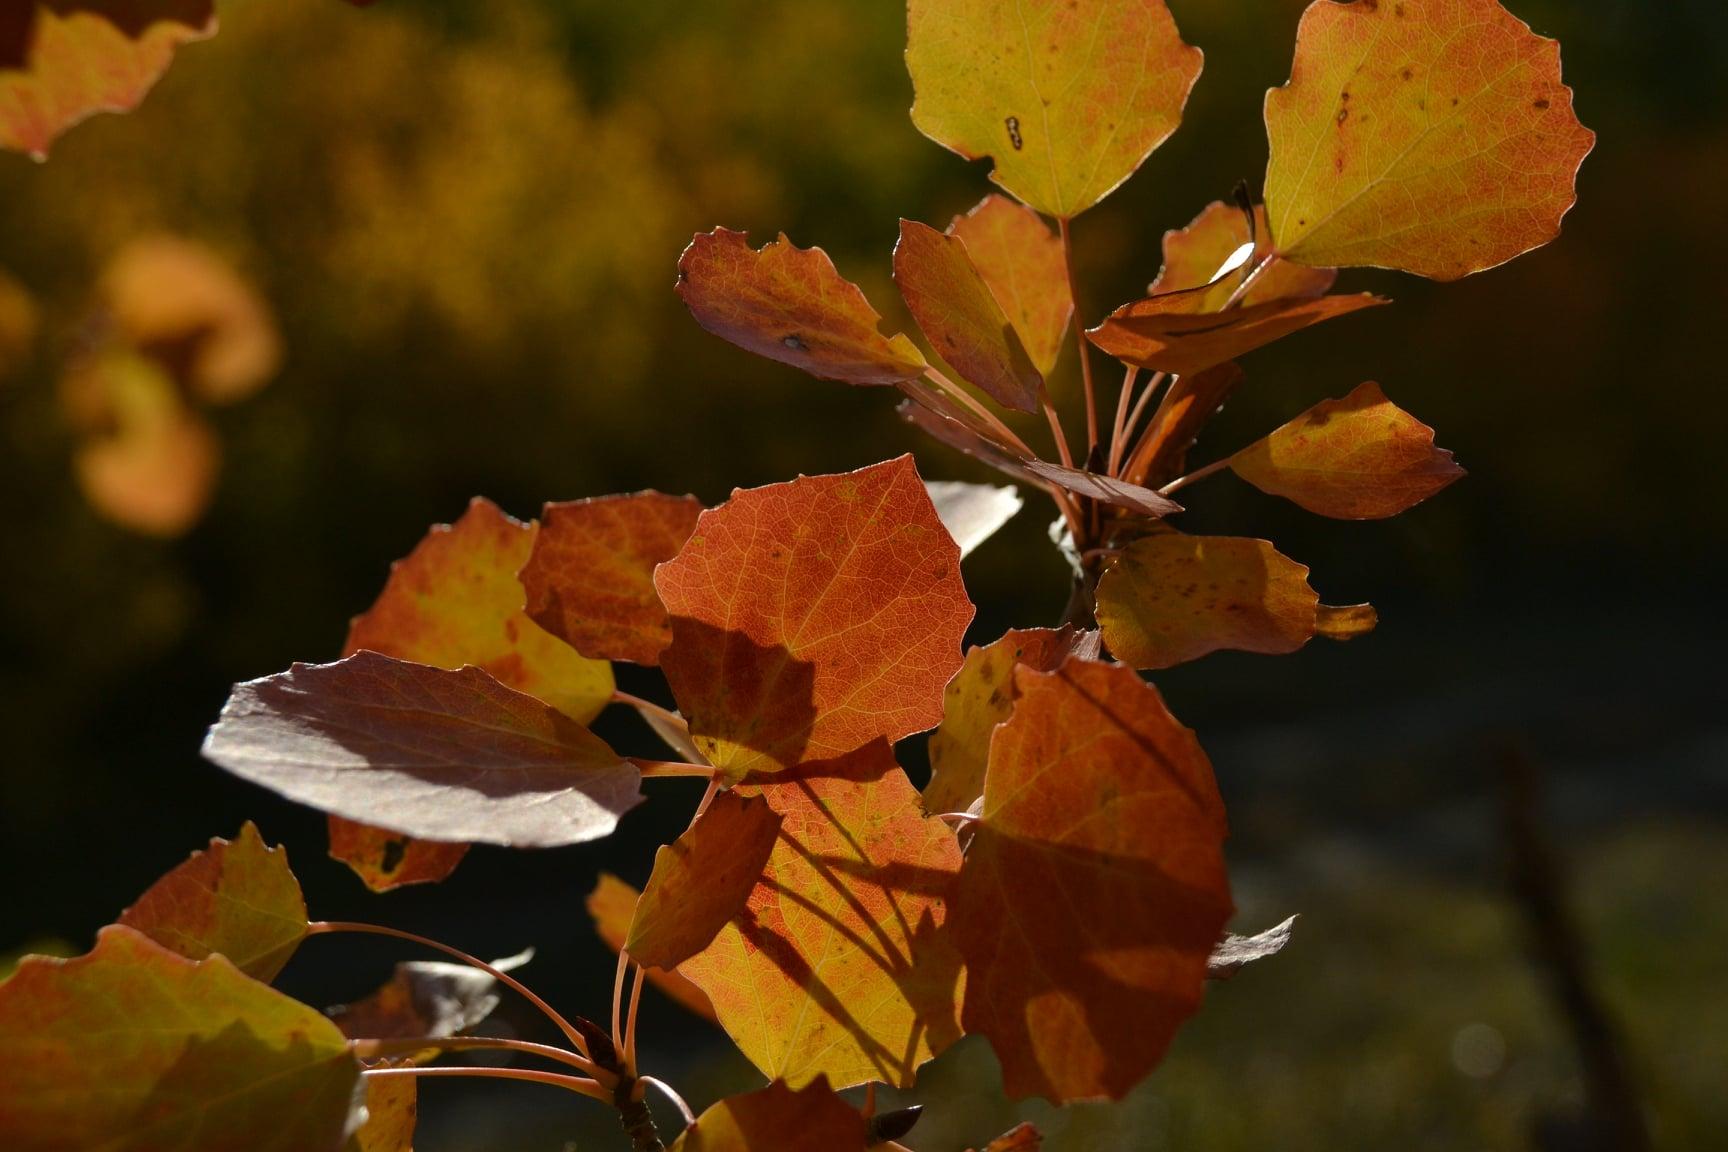 Заяц, выходи! Фотографии новотроицкого осеннего леса от Ольги Шейдт